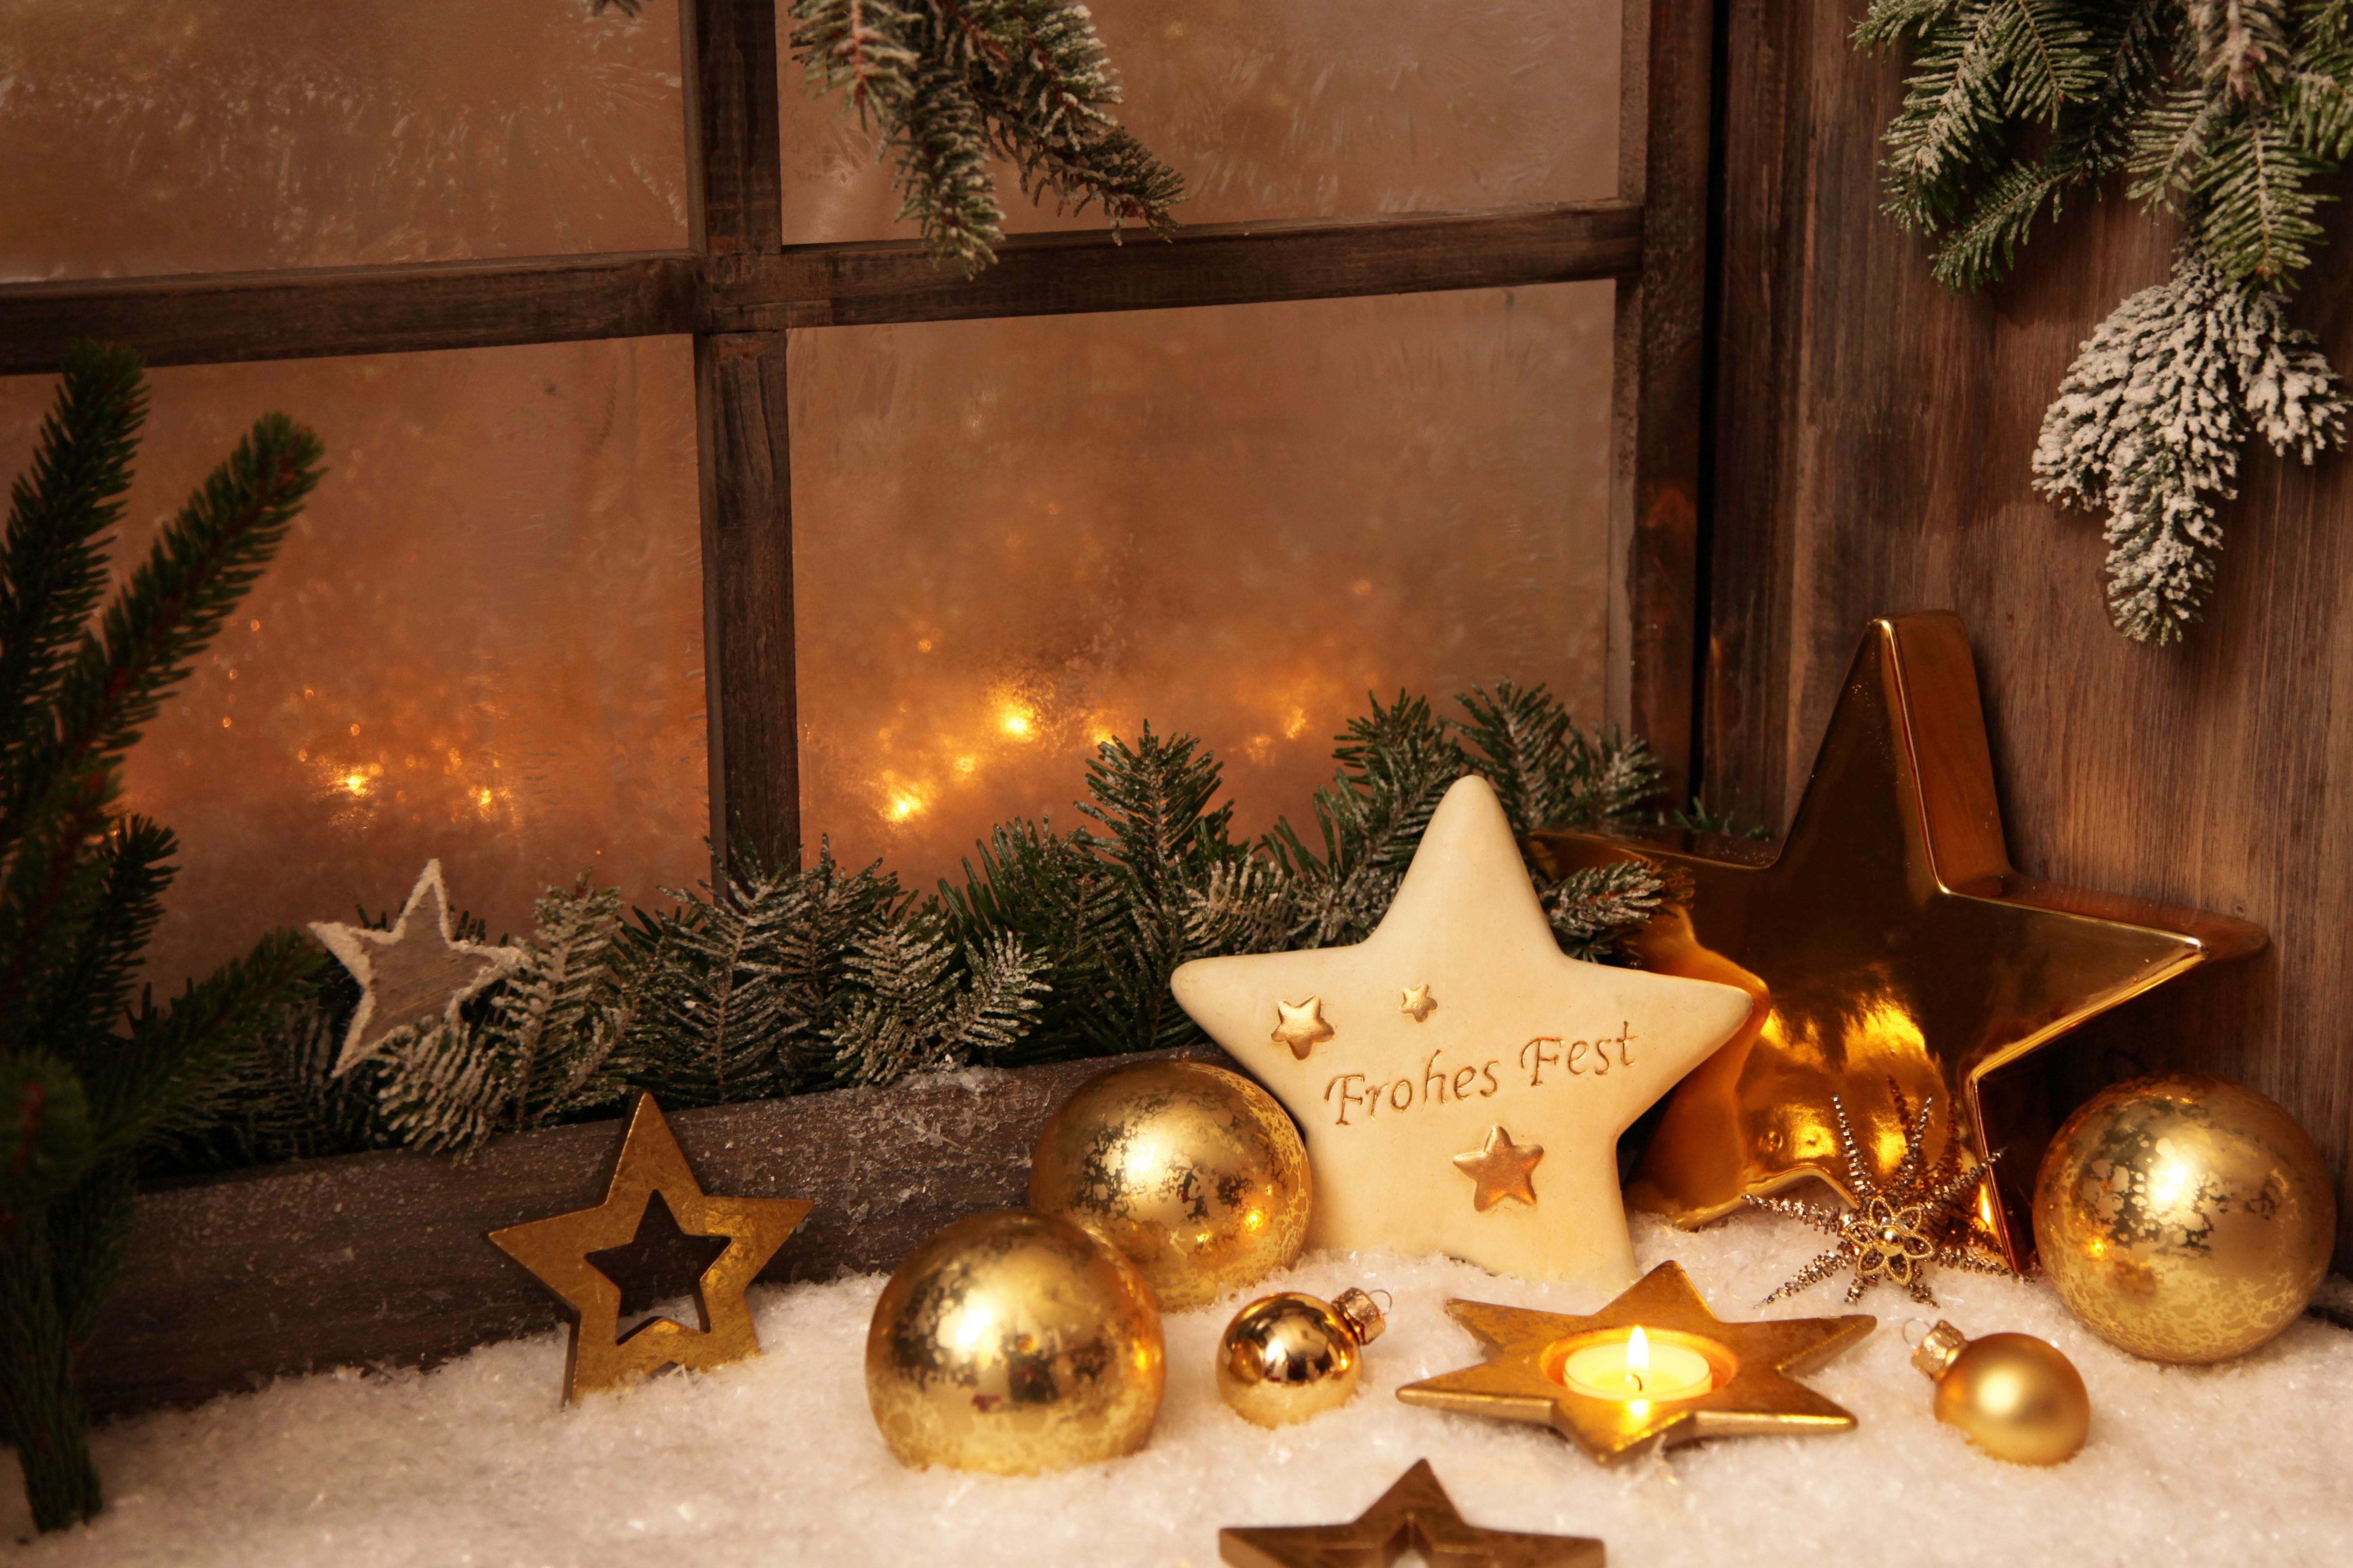 Обои новогодние обои, новогодний клипарт, с новым годом, окно